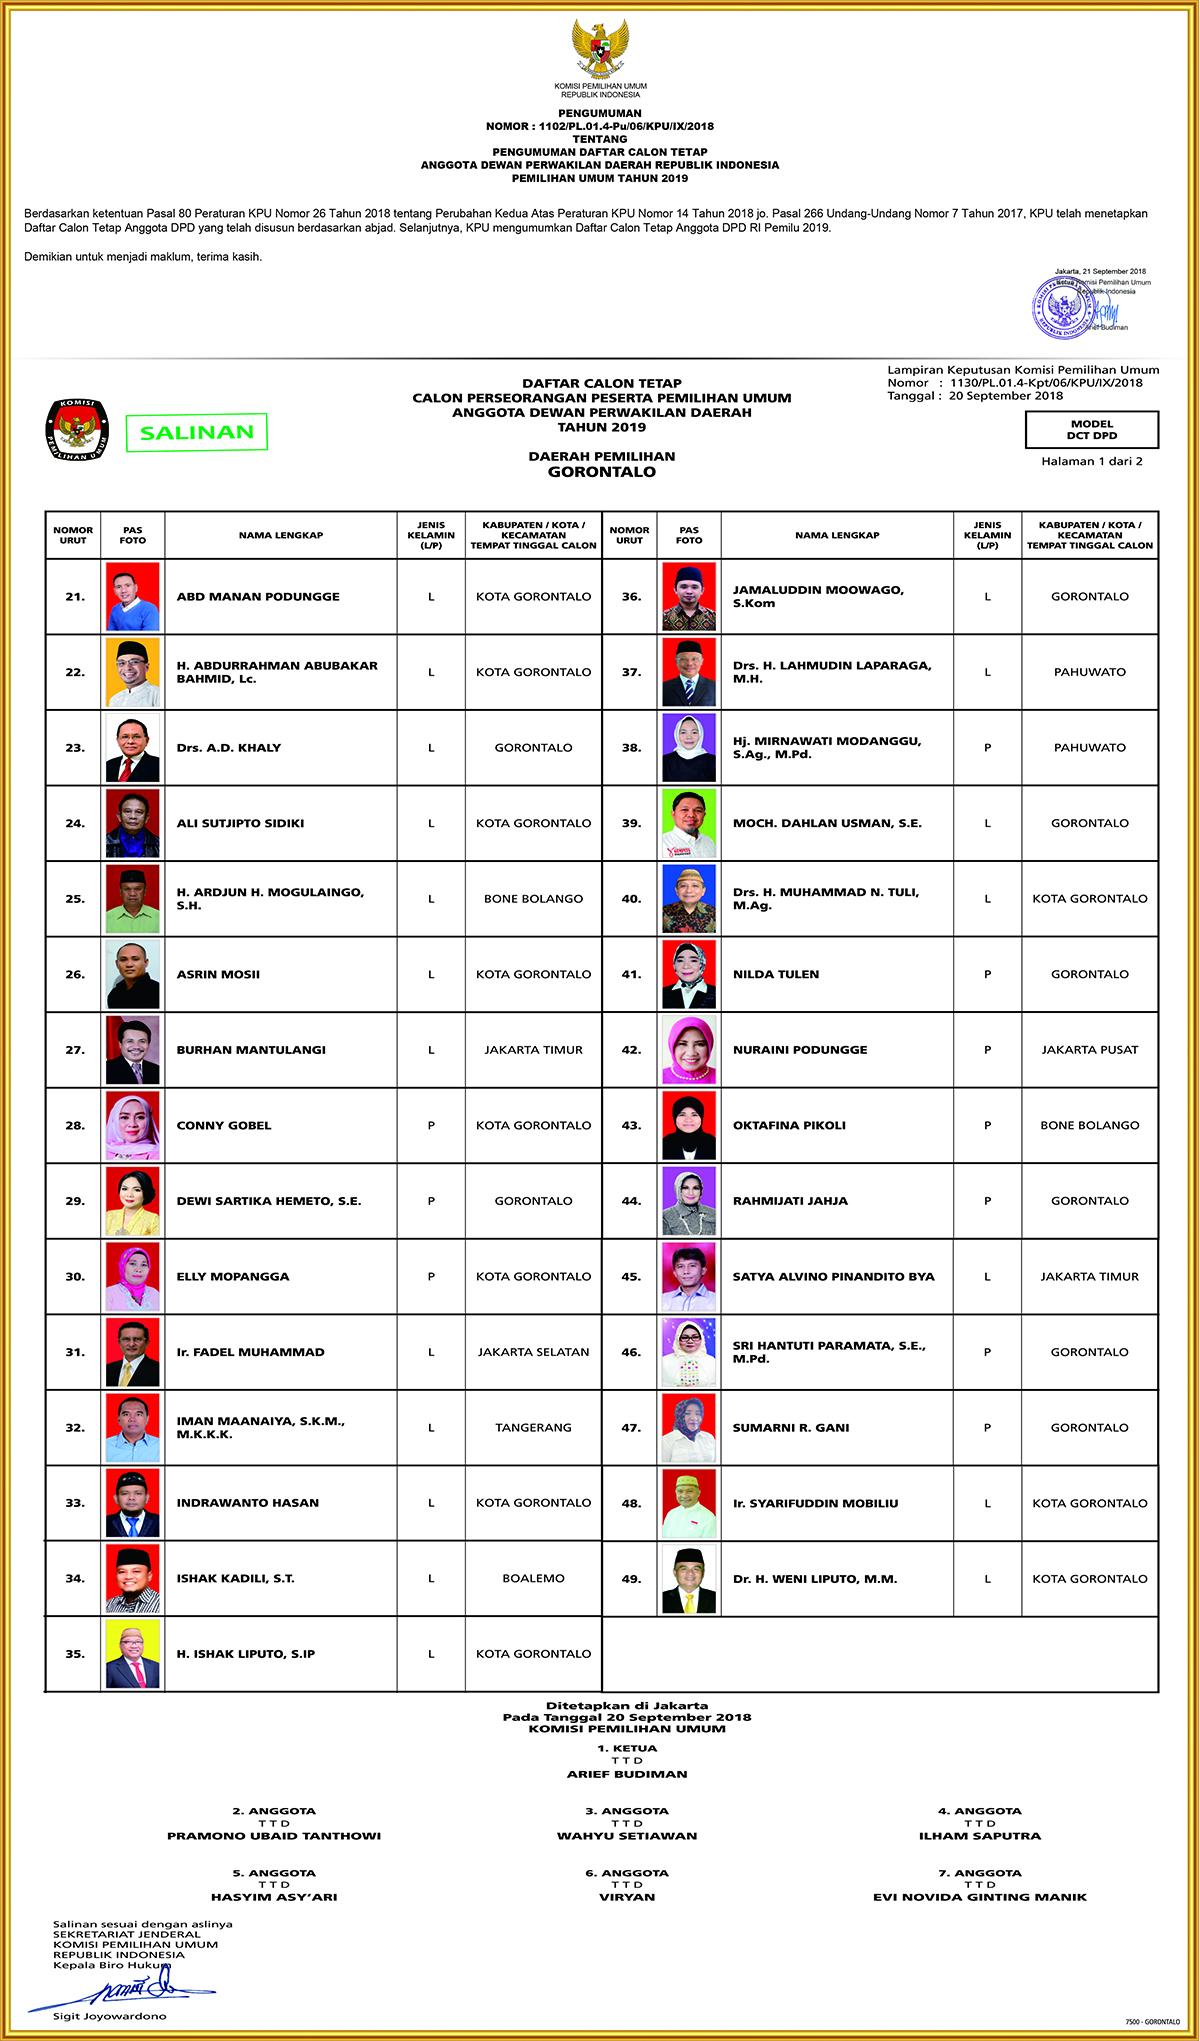 Pengumuman Penetapan DCT DPD RI Pemilu 2019